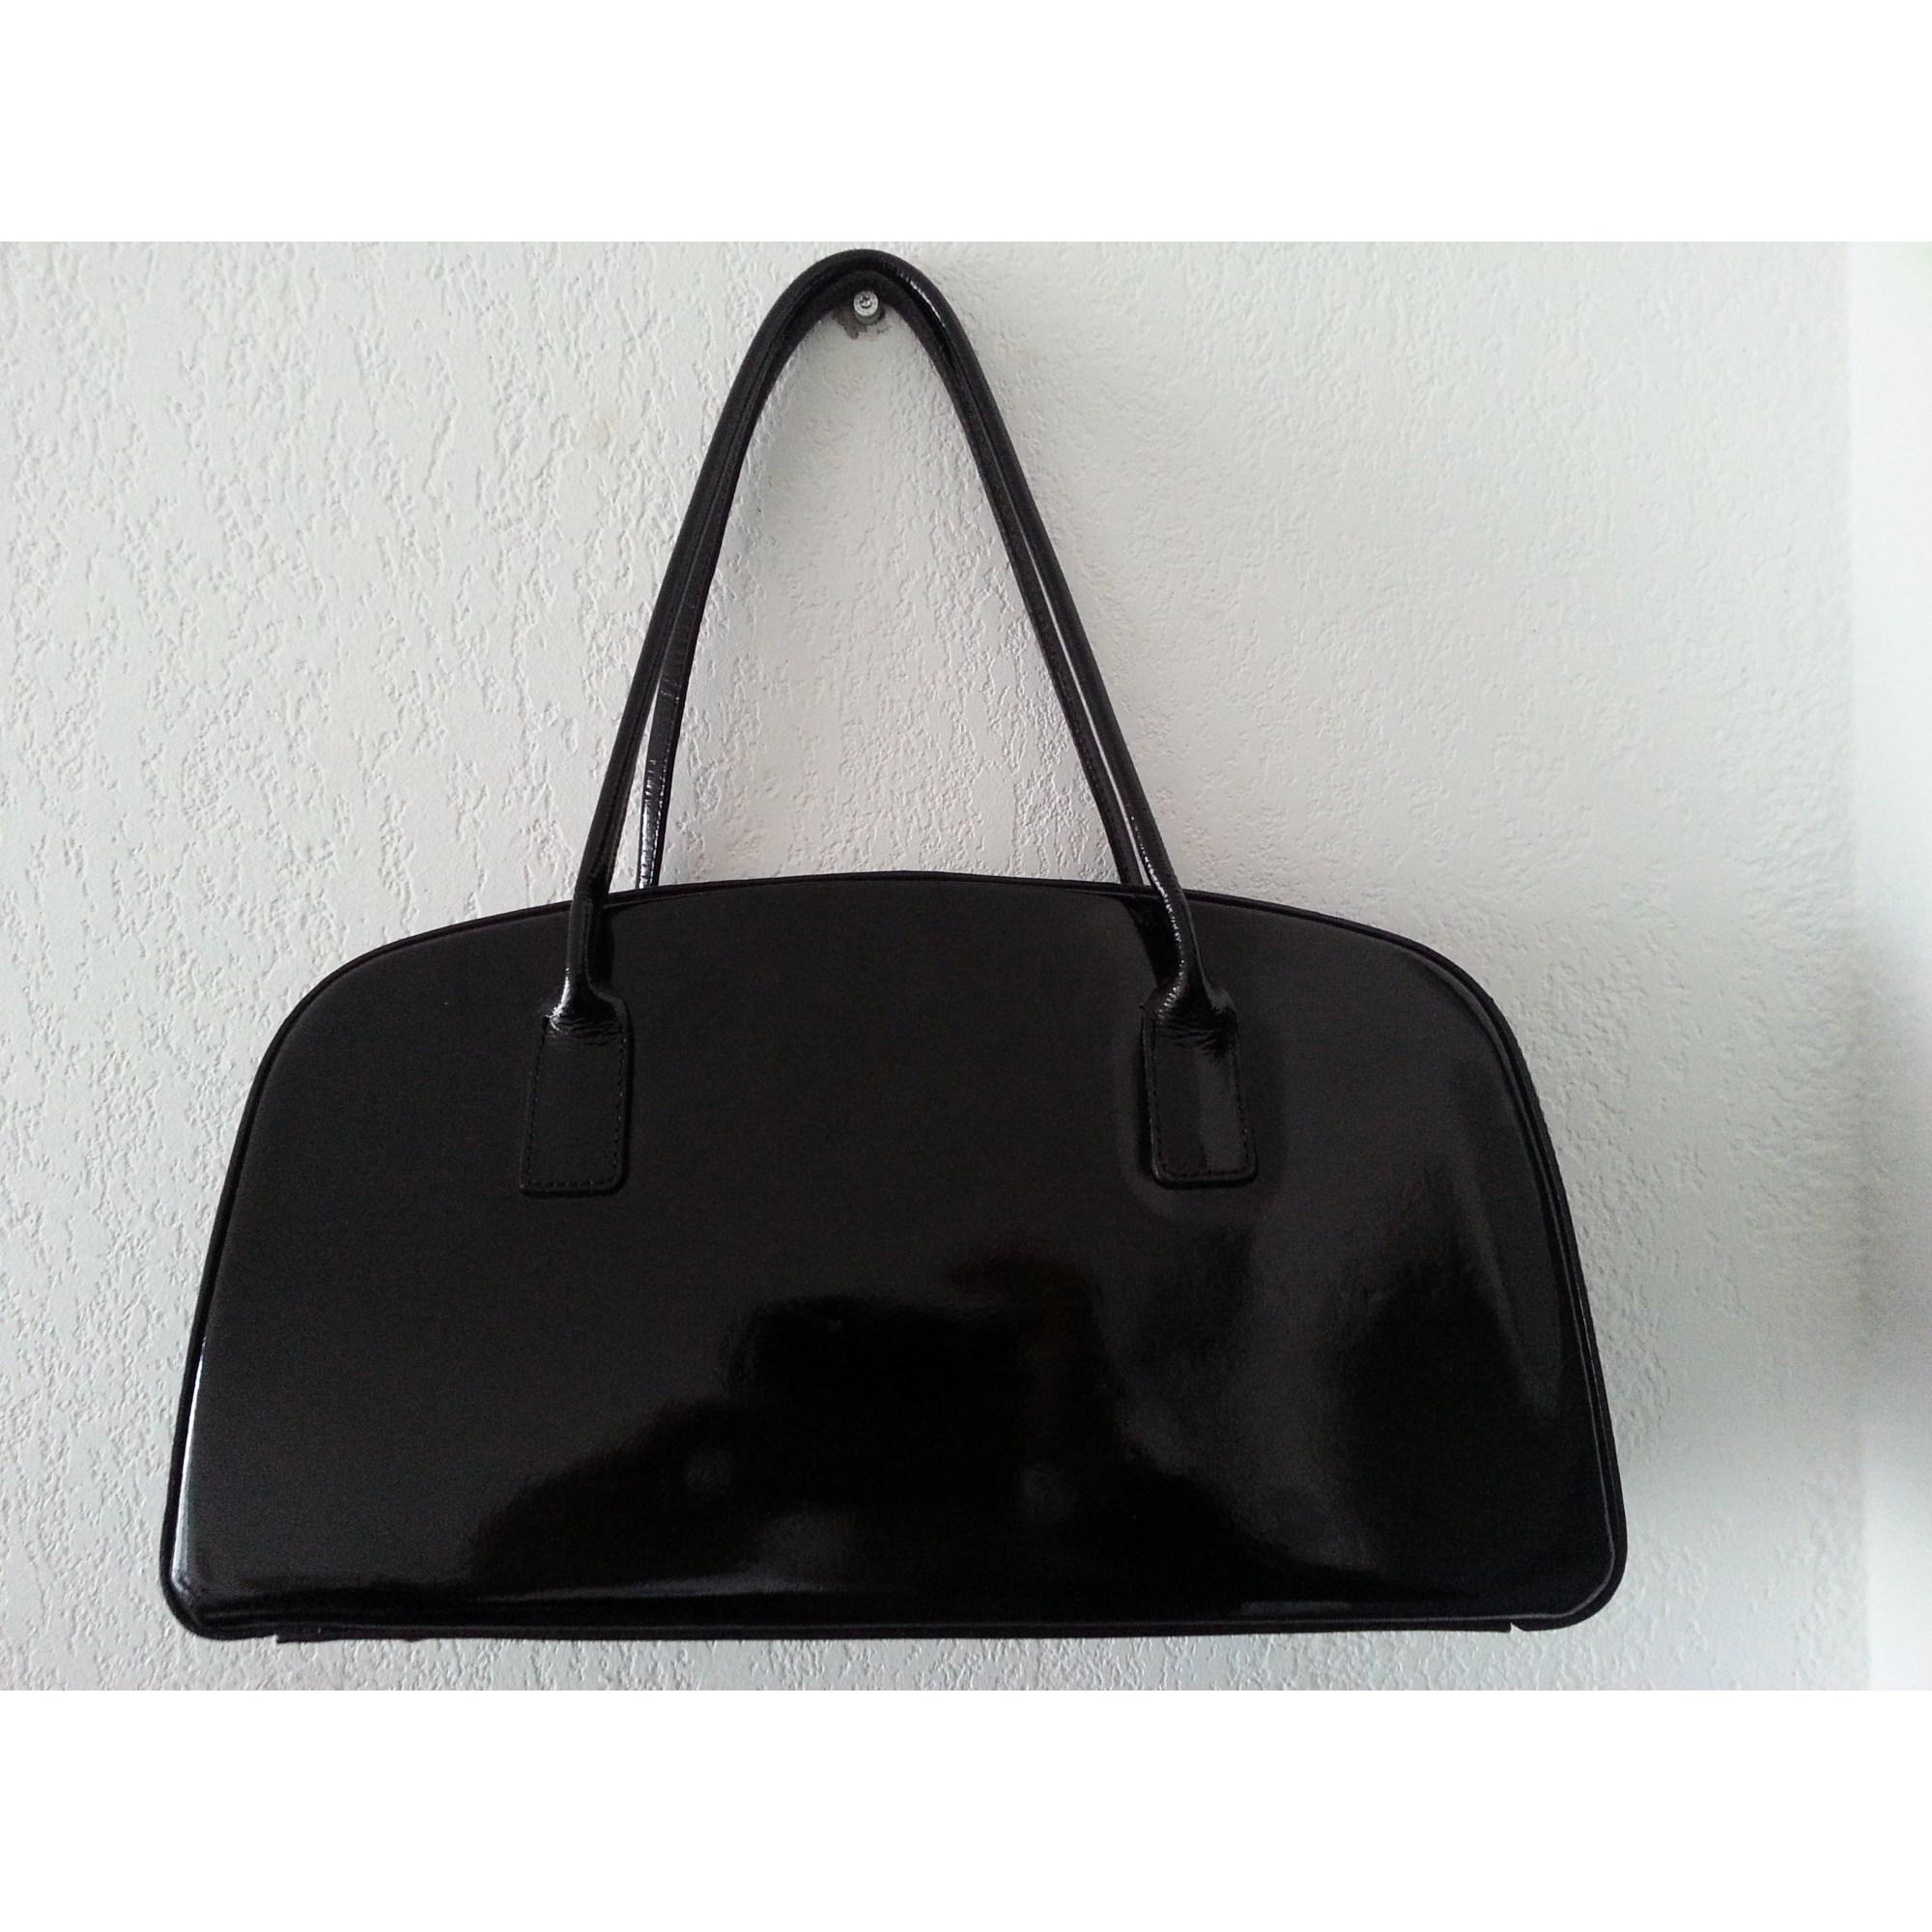 ac1b0b559f Sac à main en cuir MORLANE noir - 4208495